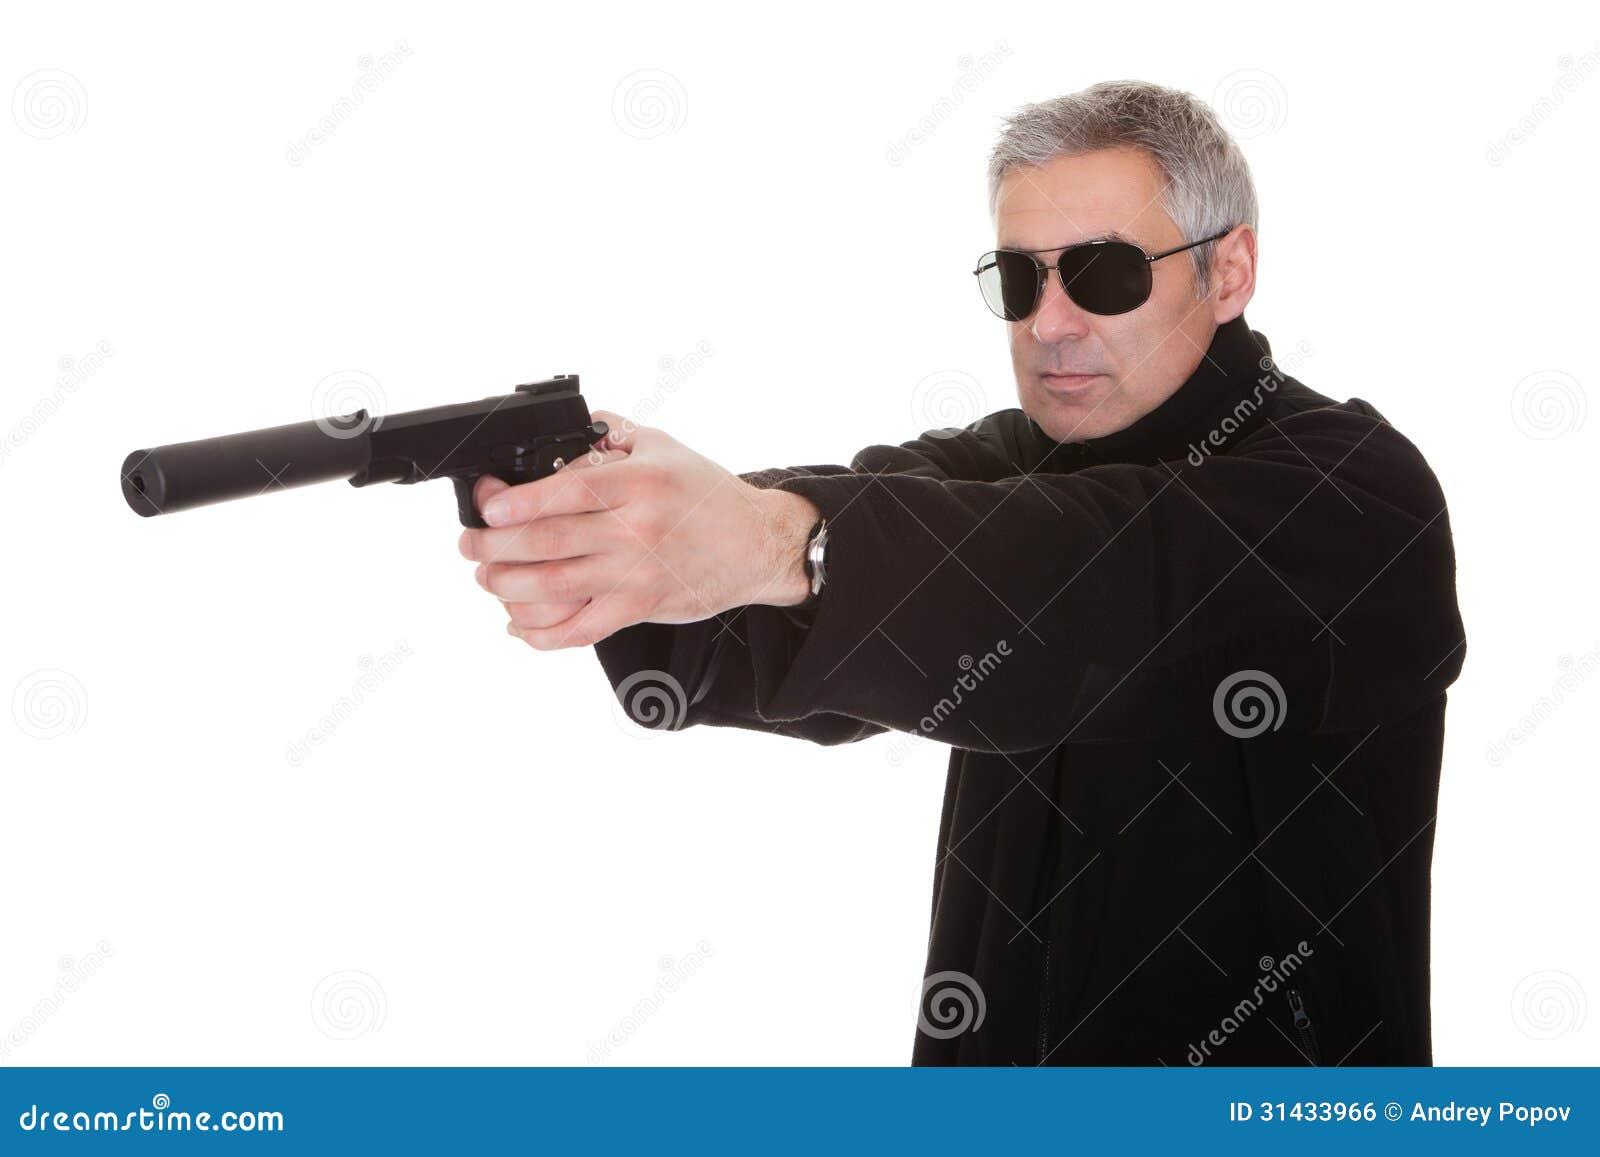 Смотреть порно приставил пистолет к голове 4